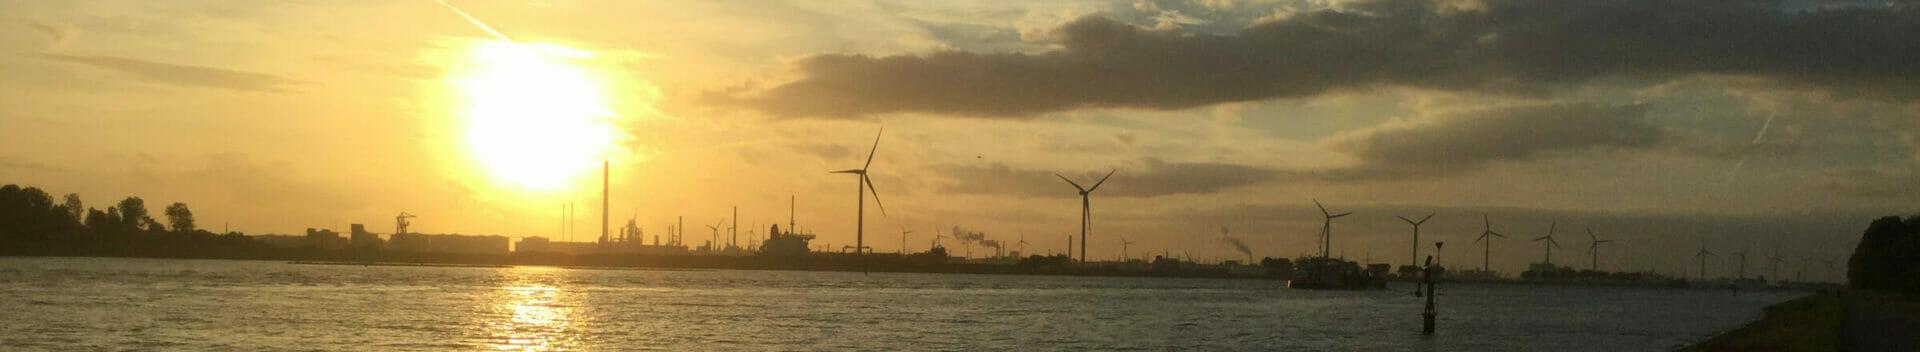 Hafen von Rotterdam, ganz viele Windkraftanlagen von weitem, dazu eine rote, schöne Sonne - Niederlande. Europaradweg R1.